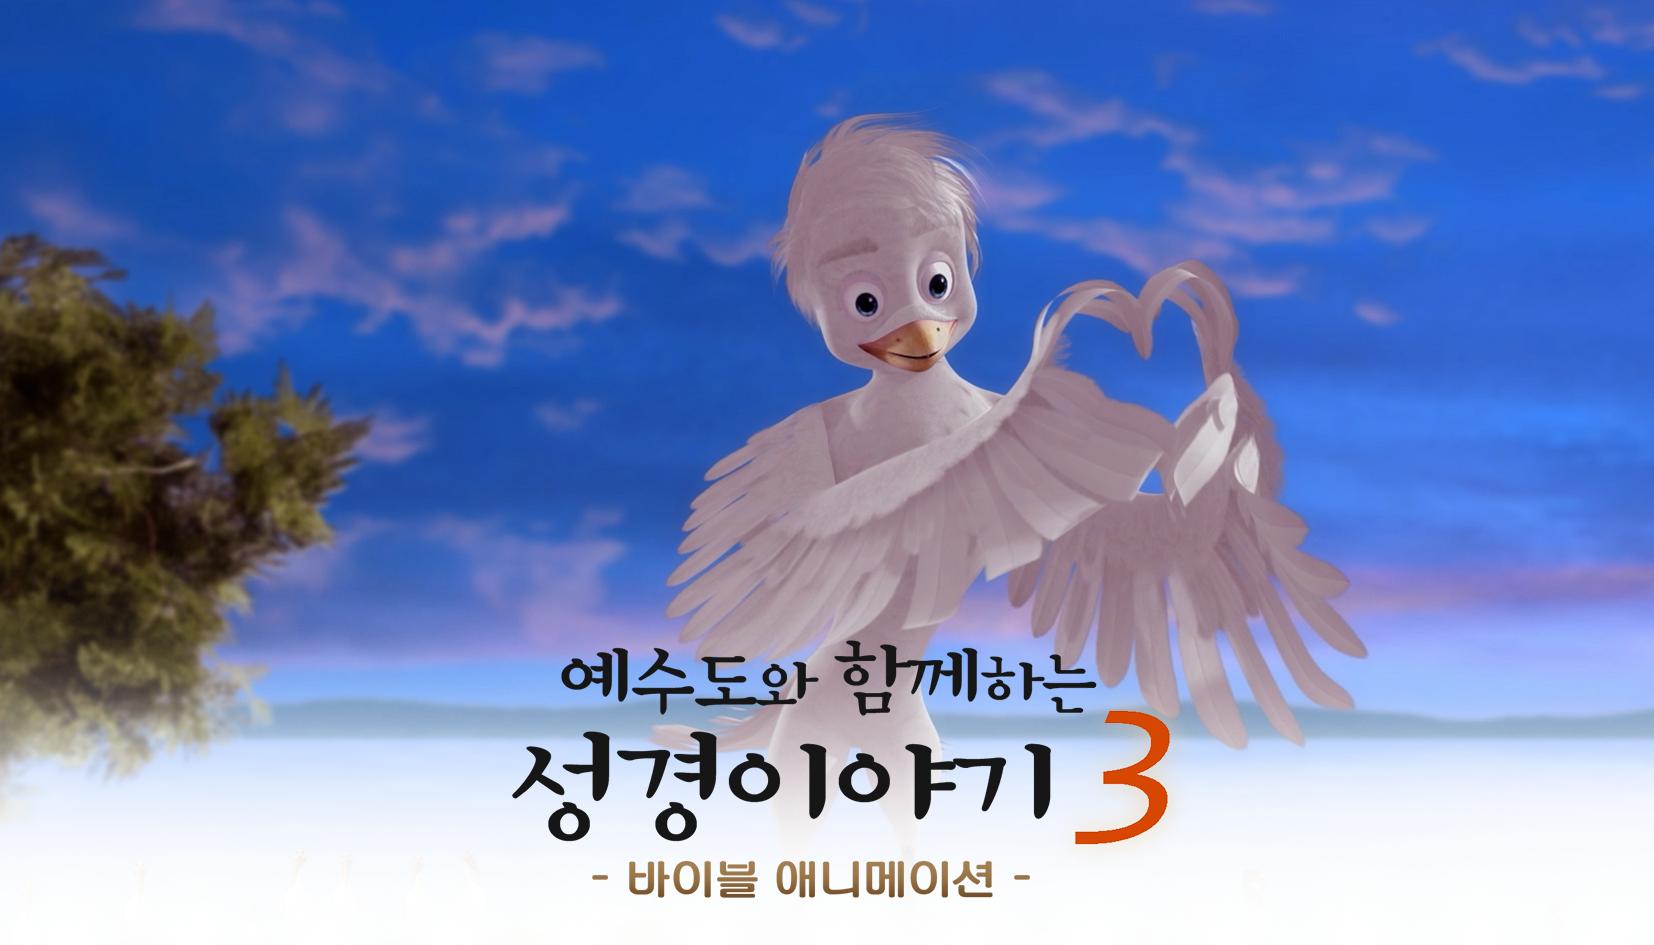 예수도와 함께하는 성경이야기3